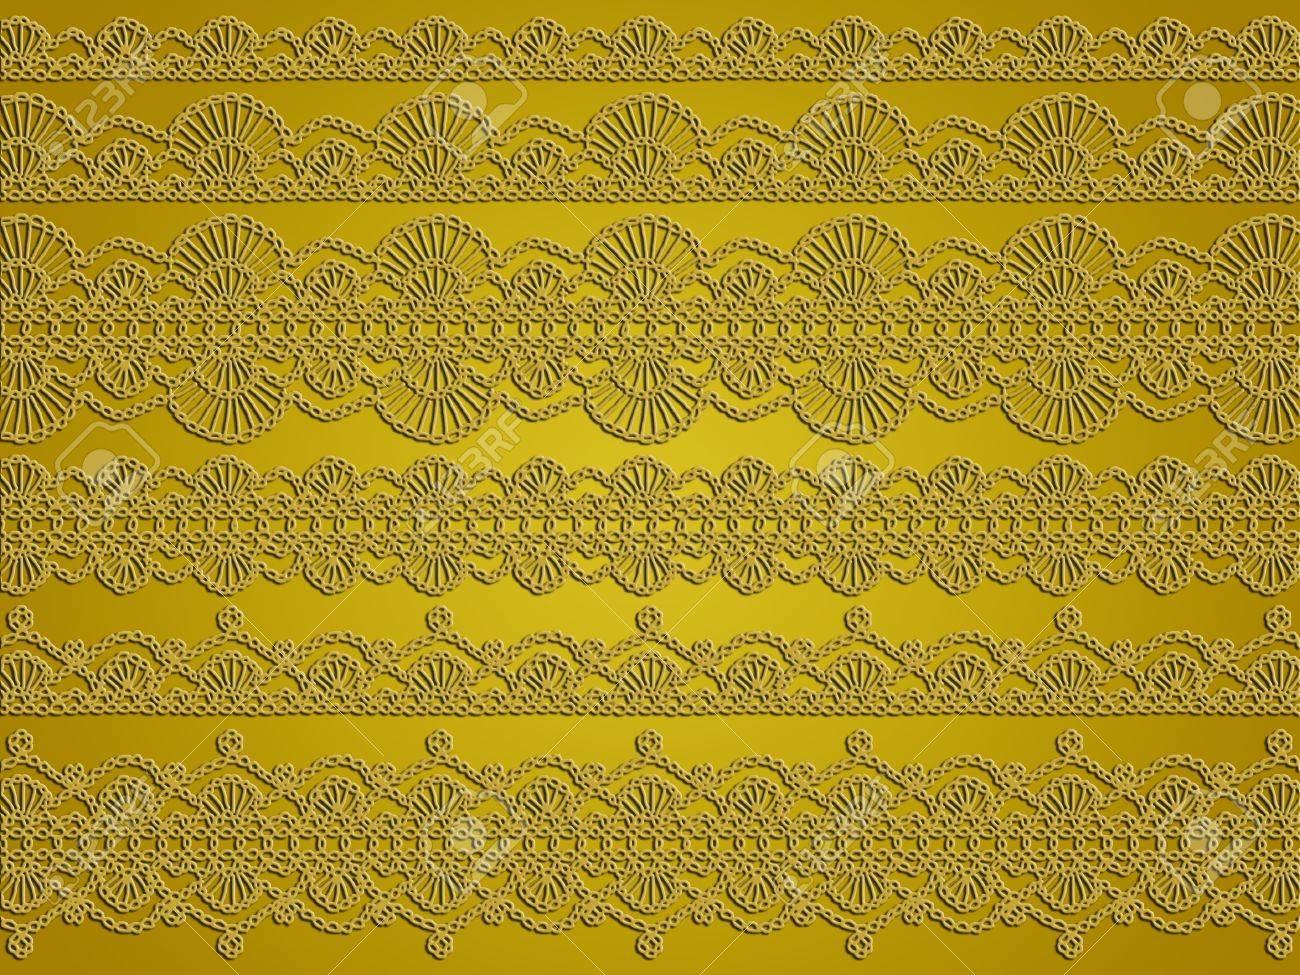 Antique Häkeln Spitzen Muster Im Goldgrund Lizenzfreie Fotos, Bilder ...